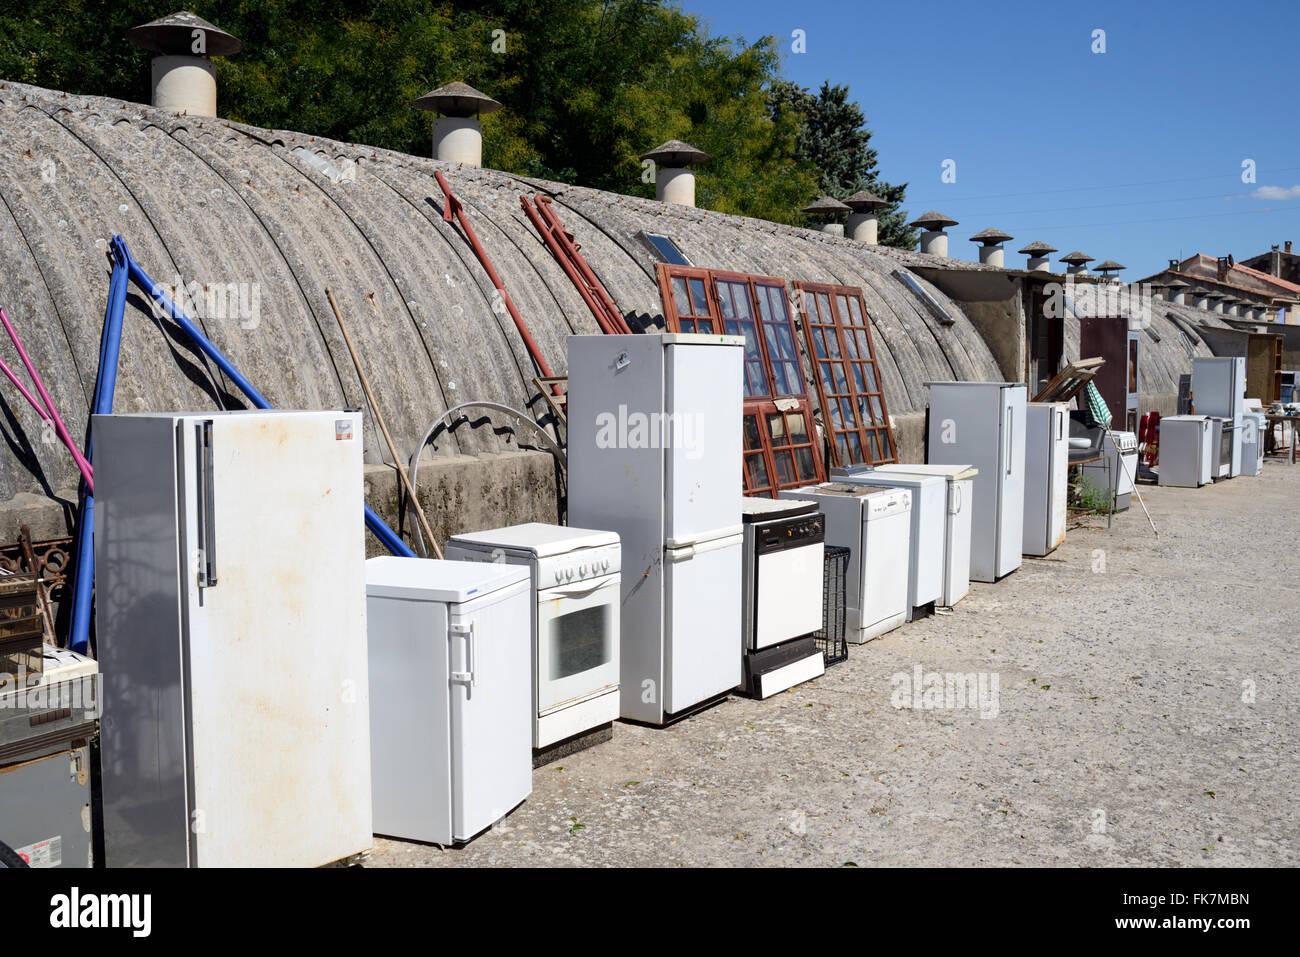 La seconde main, ou recyclés les produits blancs ou les appareils domestiques et cuisinières réfrigérateurs Photo Stock